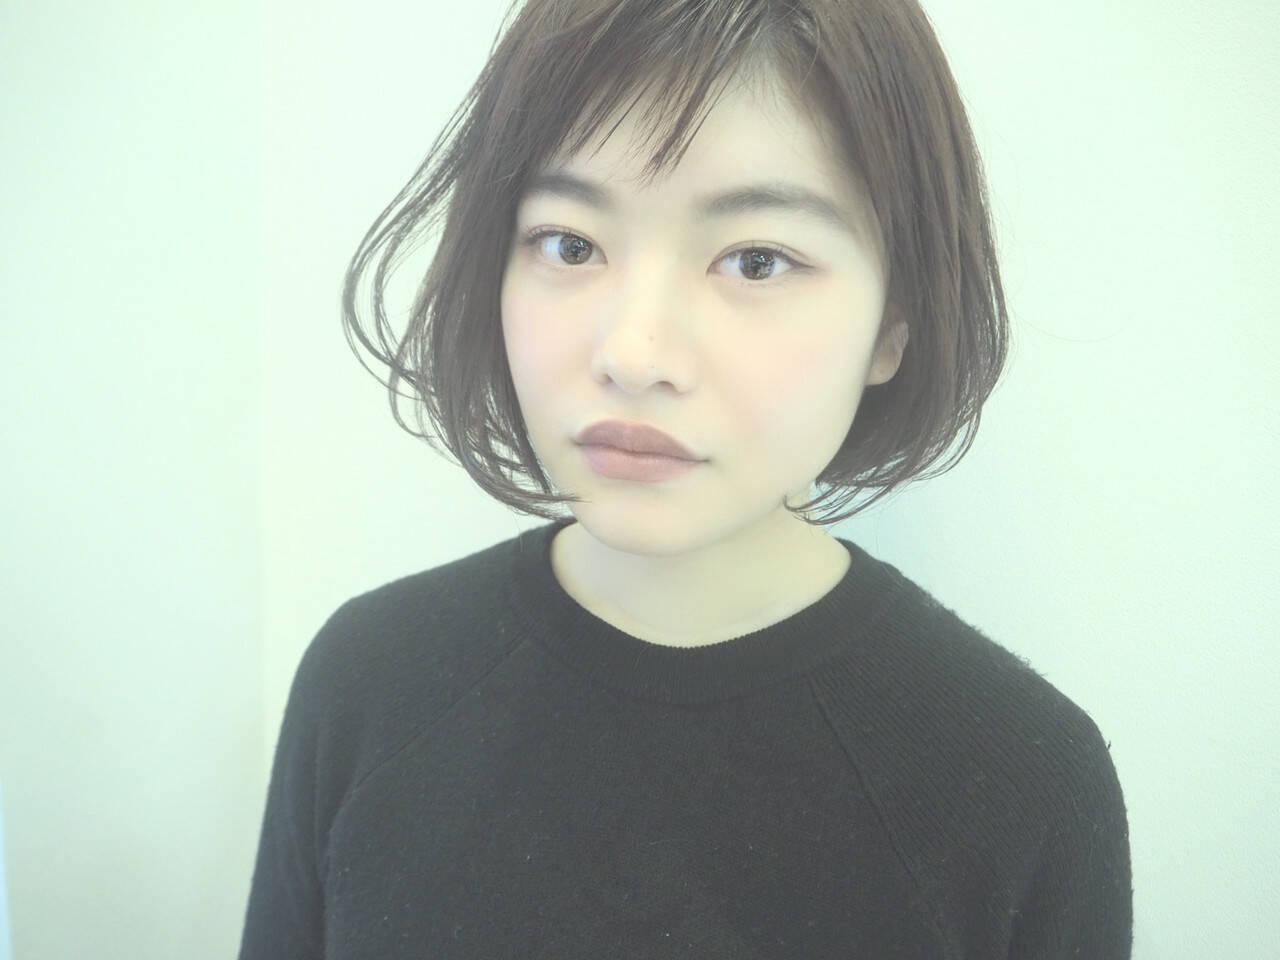 コンサバ 小顔ショート オフィス ショートボブヘアスタイルや髪型の写真・画像